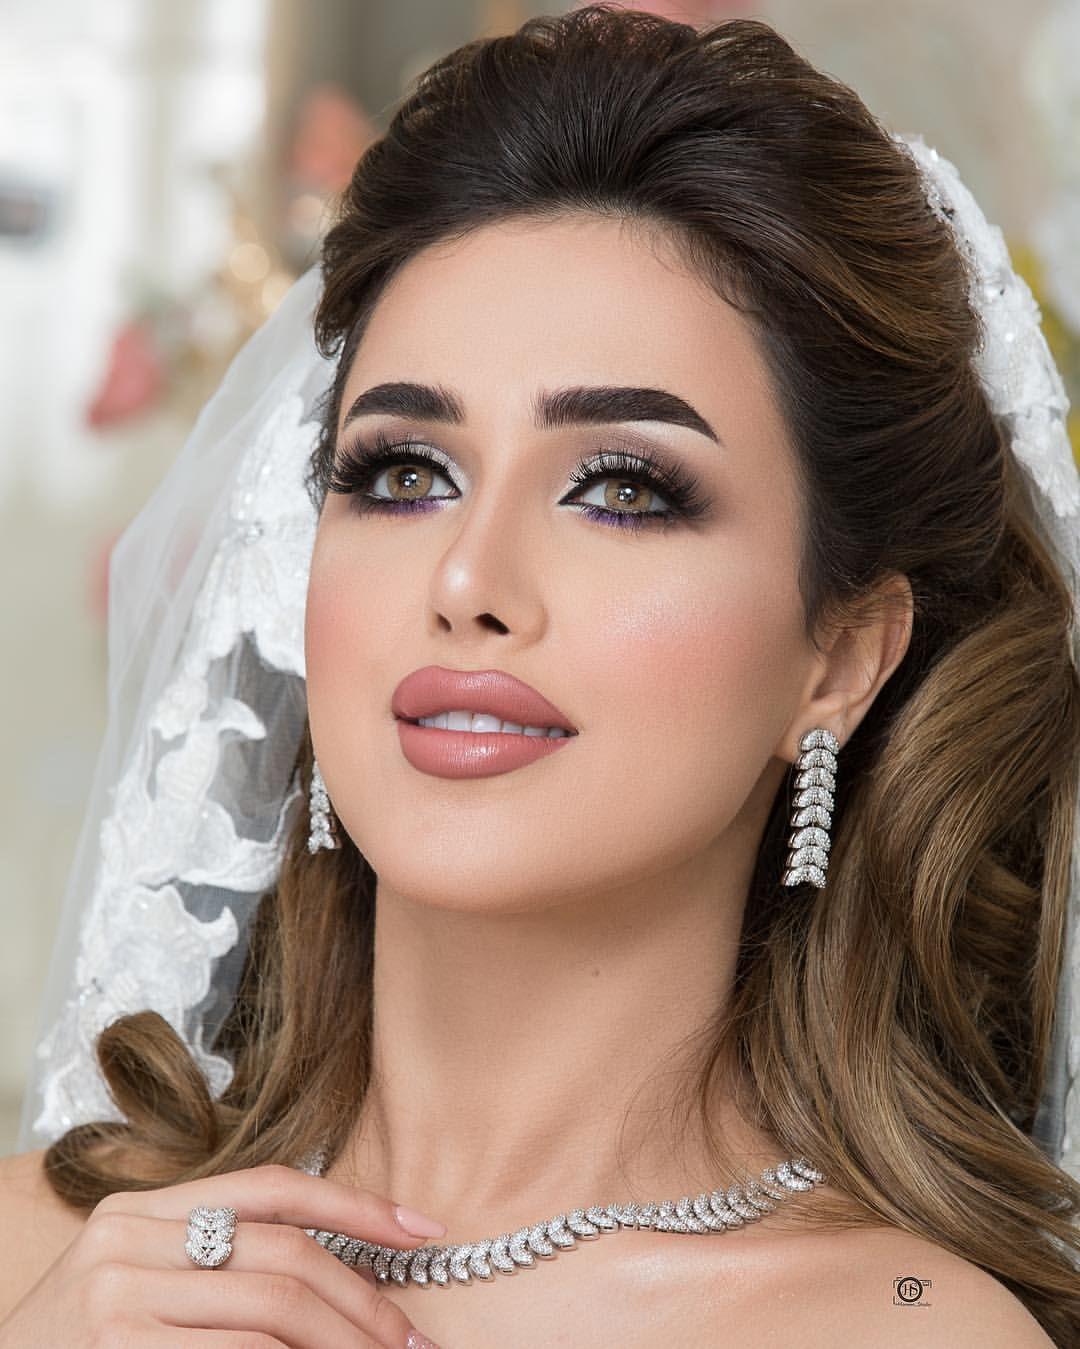 دبي فجيرة الأمارات شعر ستايل لوك تسريحات تسريحة صالون خبيرة تجميل فشن فشنيستا العين Gorgeous Wedding Makeup Beautiful Makeup Beautiful Girl Face